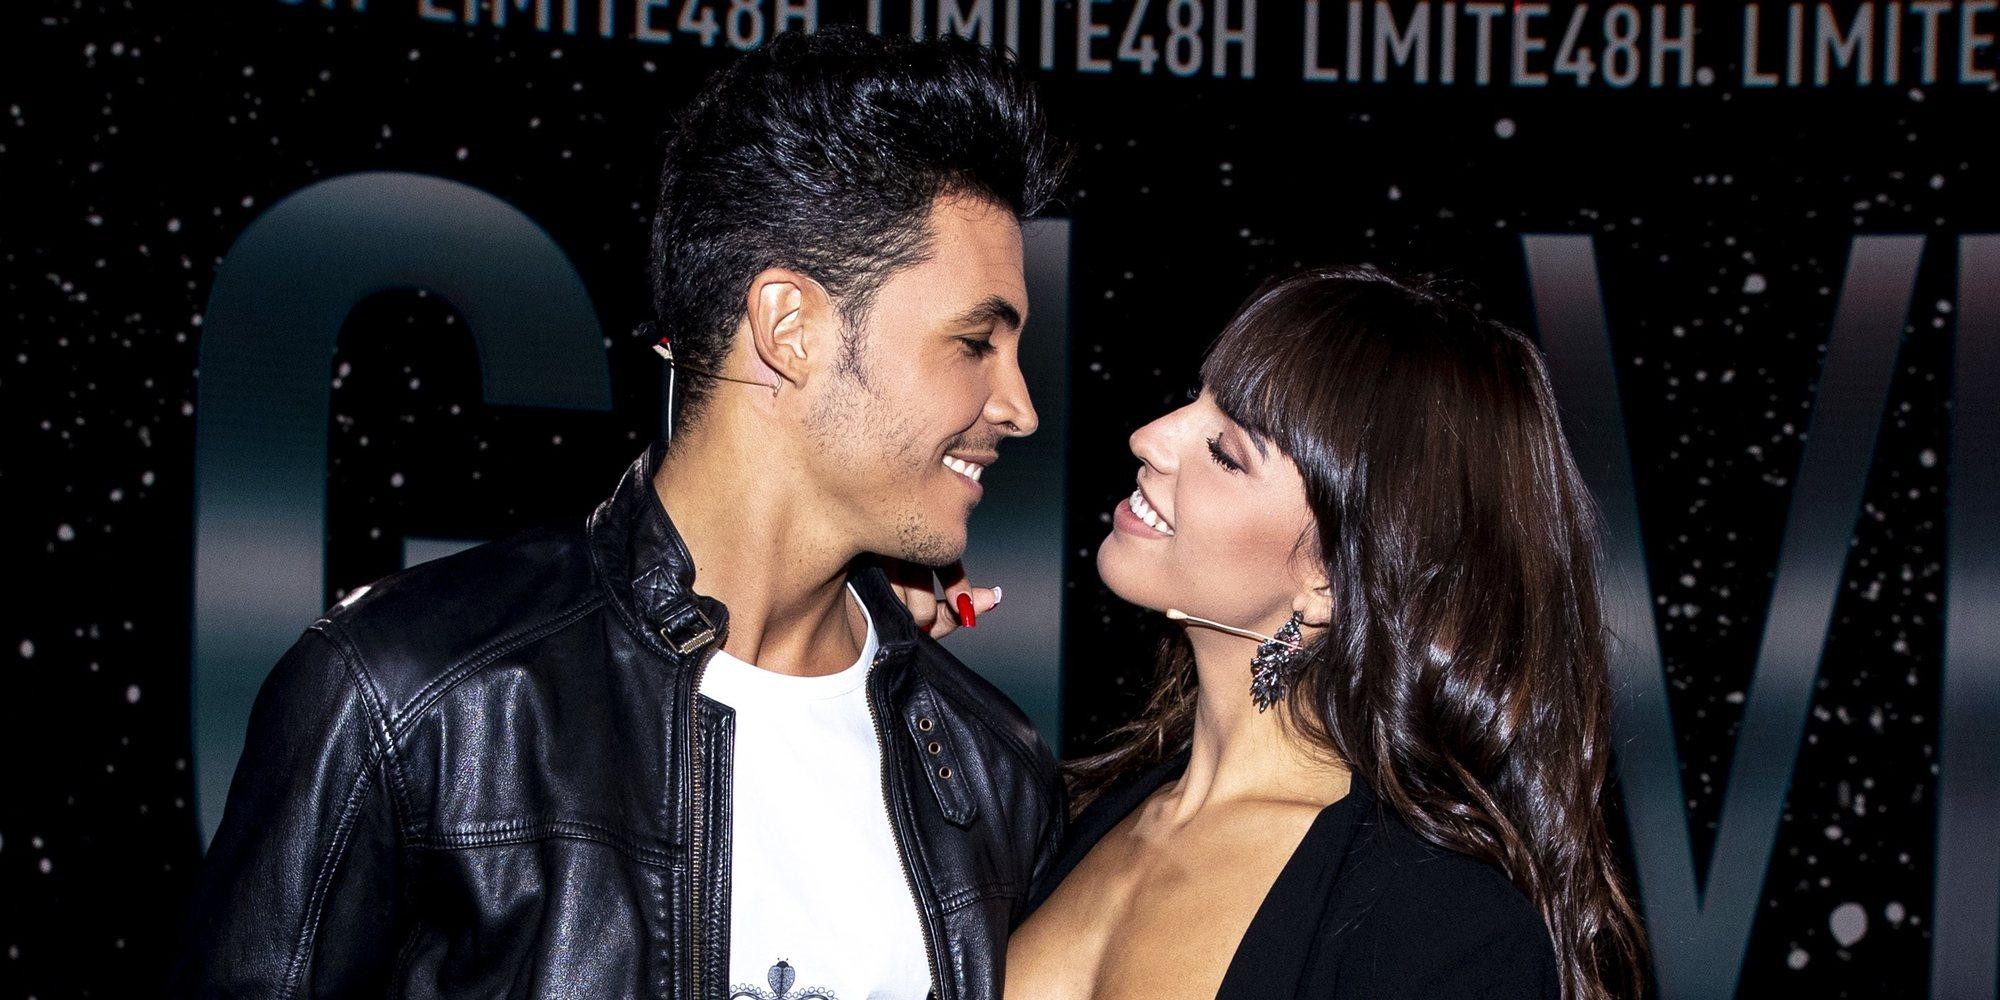 Sofía Suescun y Kiko Jiménez cuentan en 'GH VIP 7' su tórrida noche de pasión en la ducha